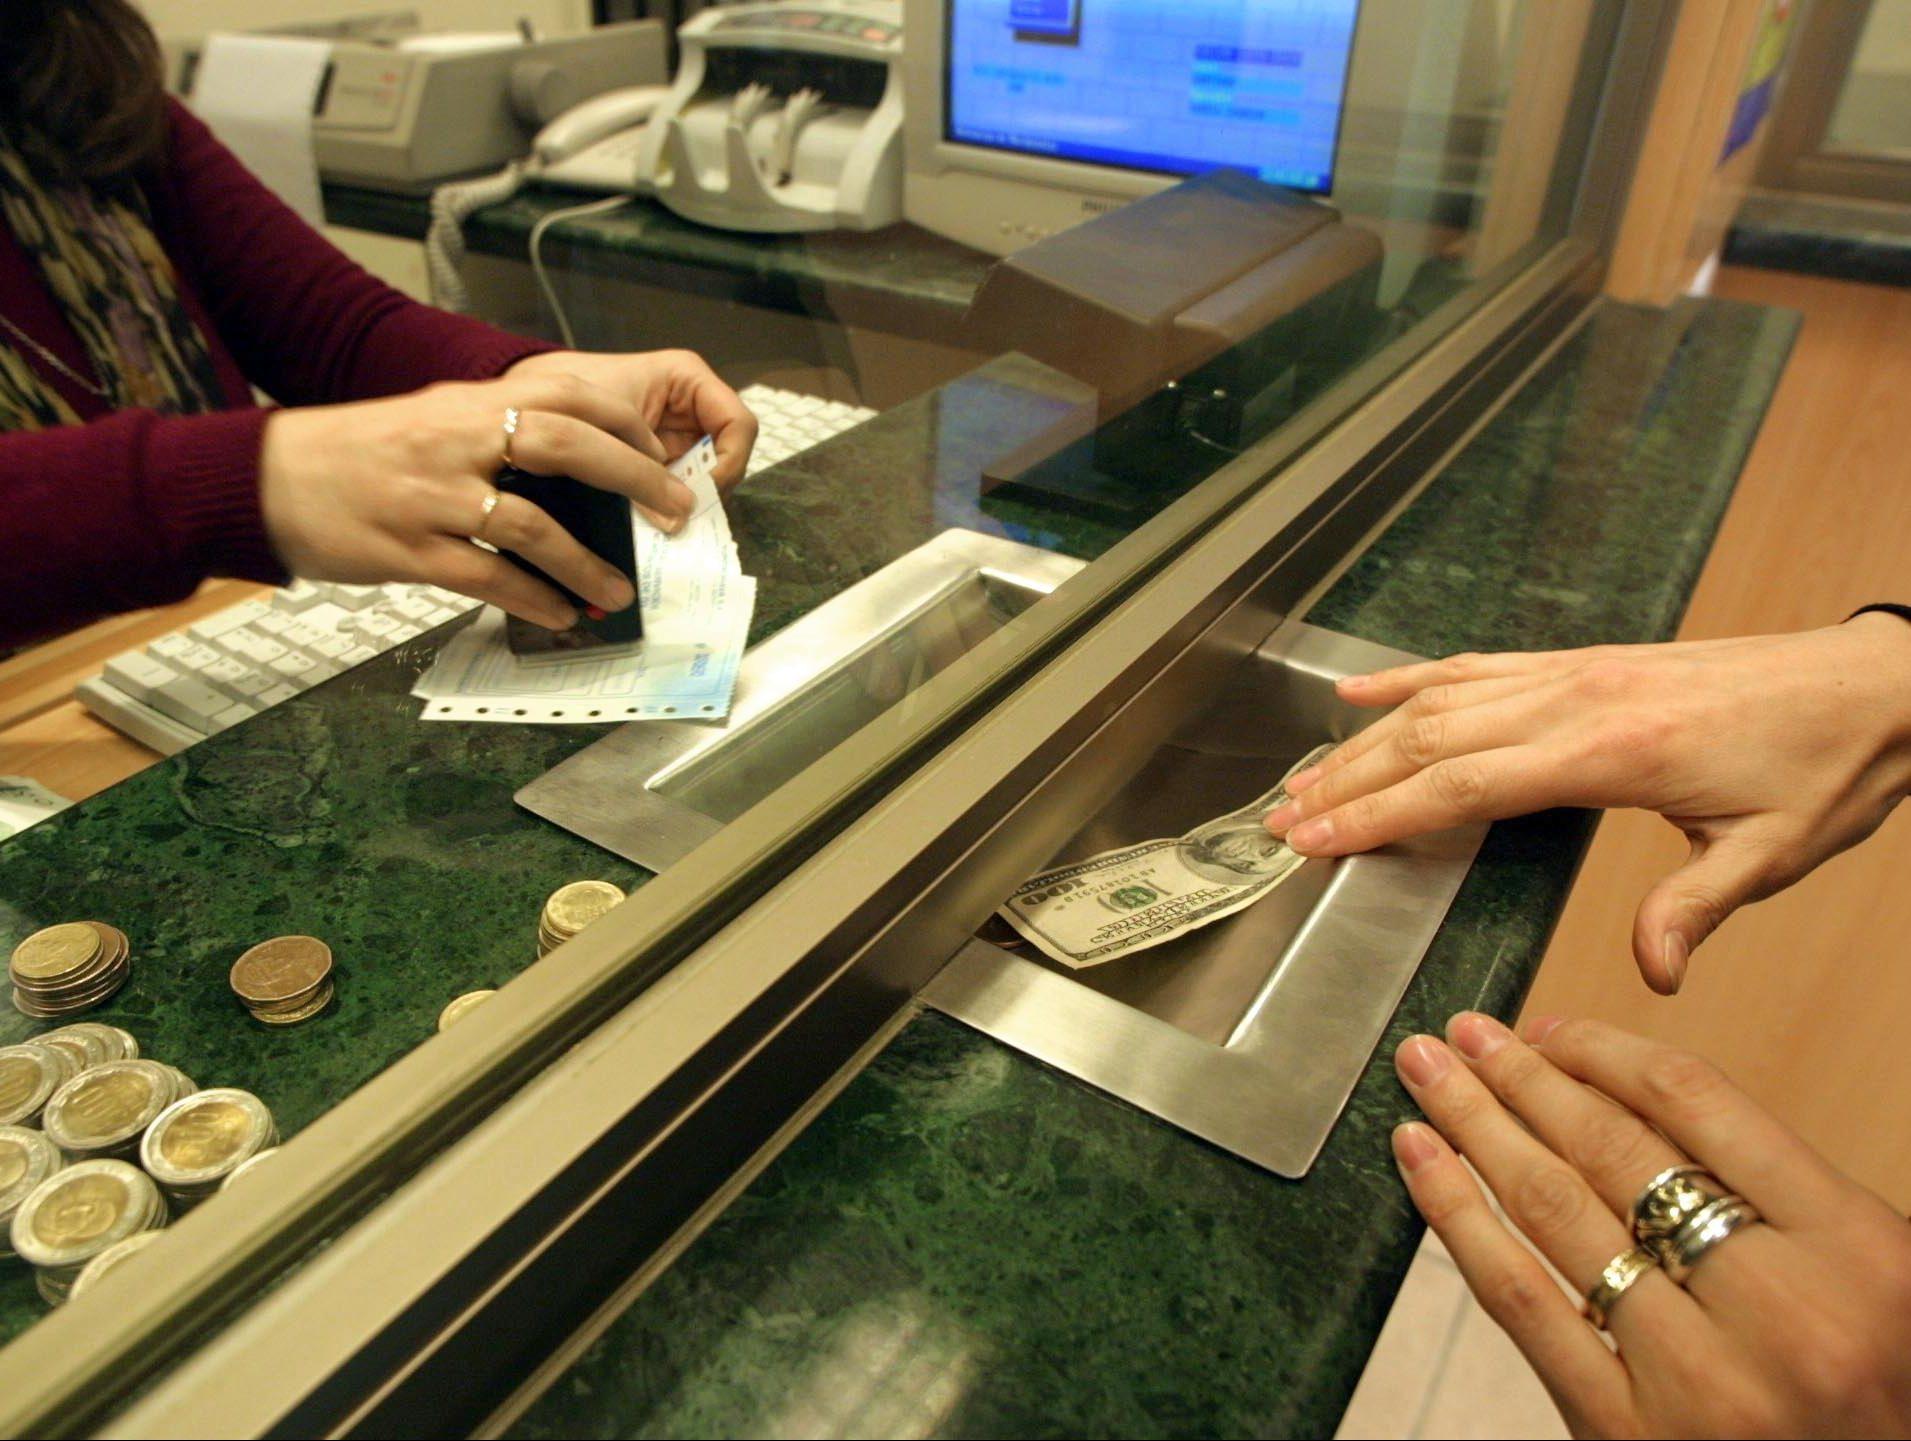 dolares casas de cambio monedas economia dinero